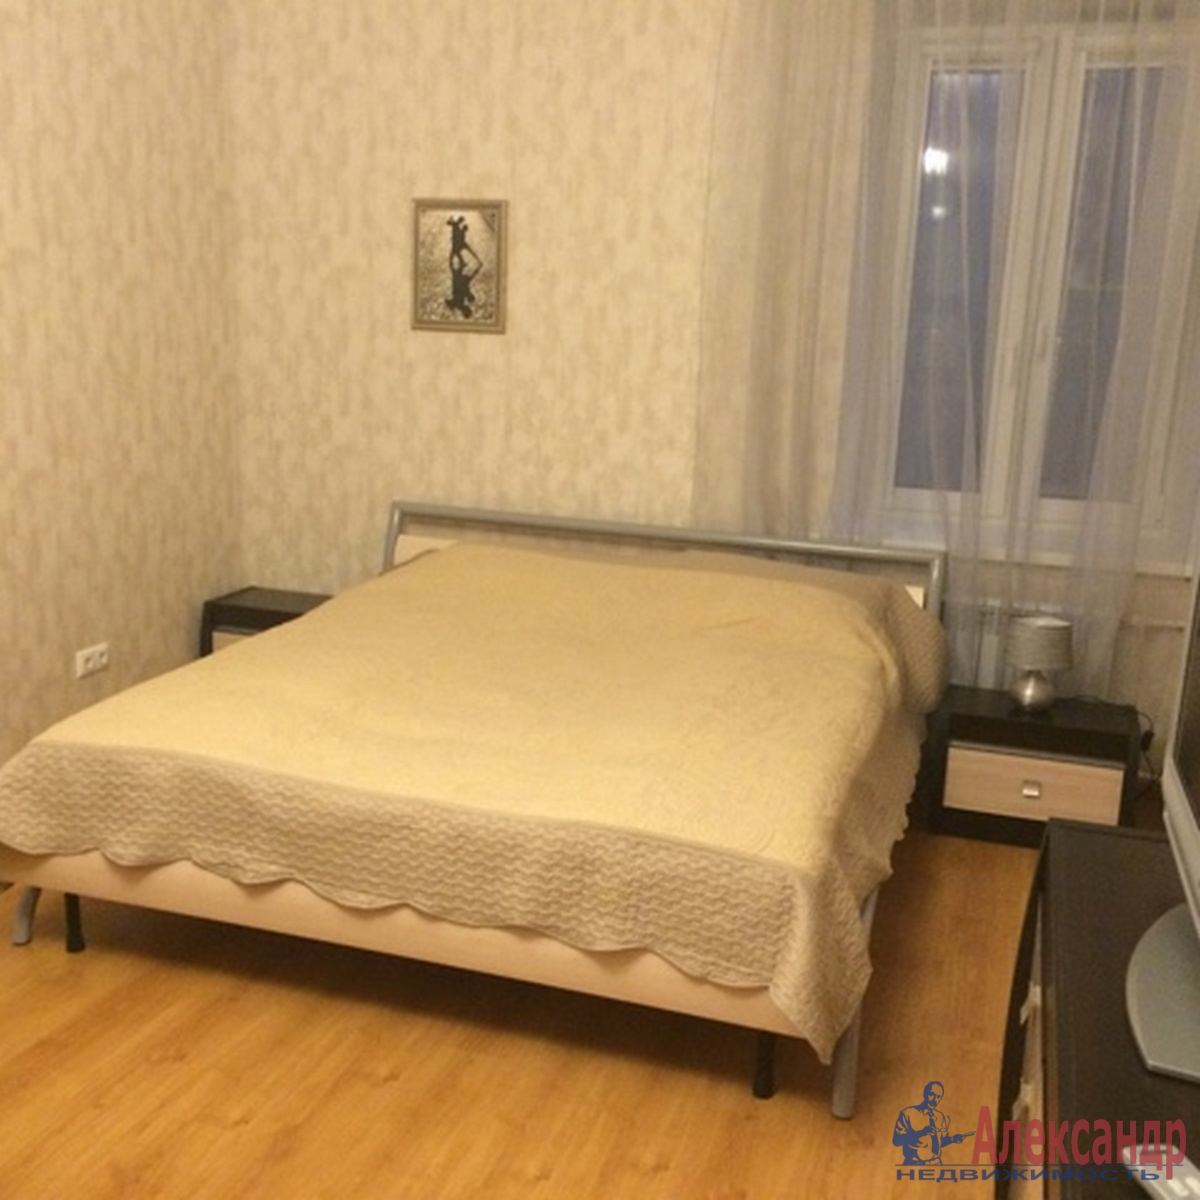 3-комнатная квартира (100м2) в аренду по адресу Боровая ул., 100— фото 2 из 9